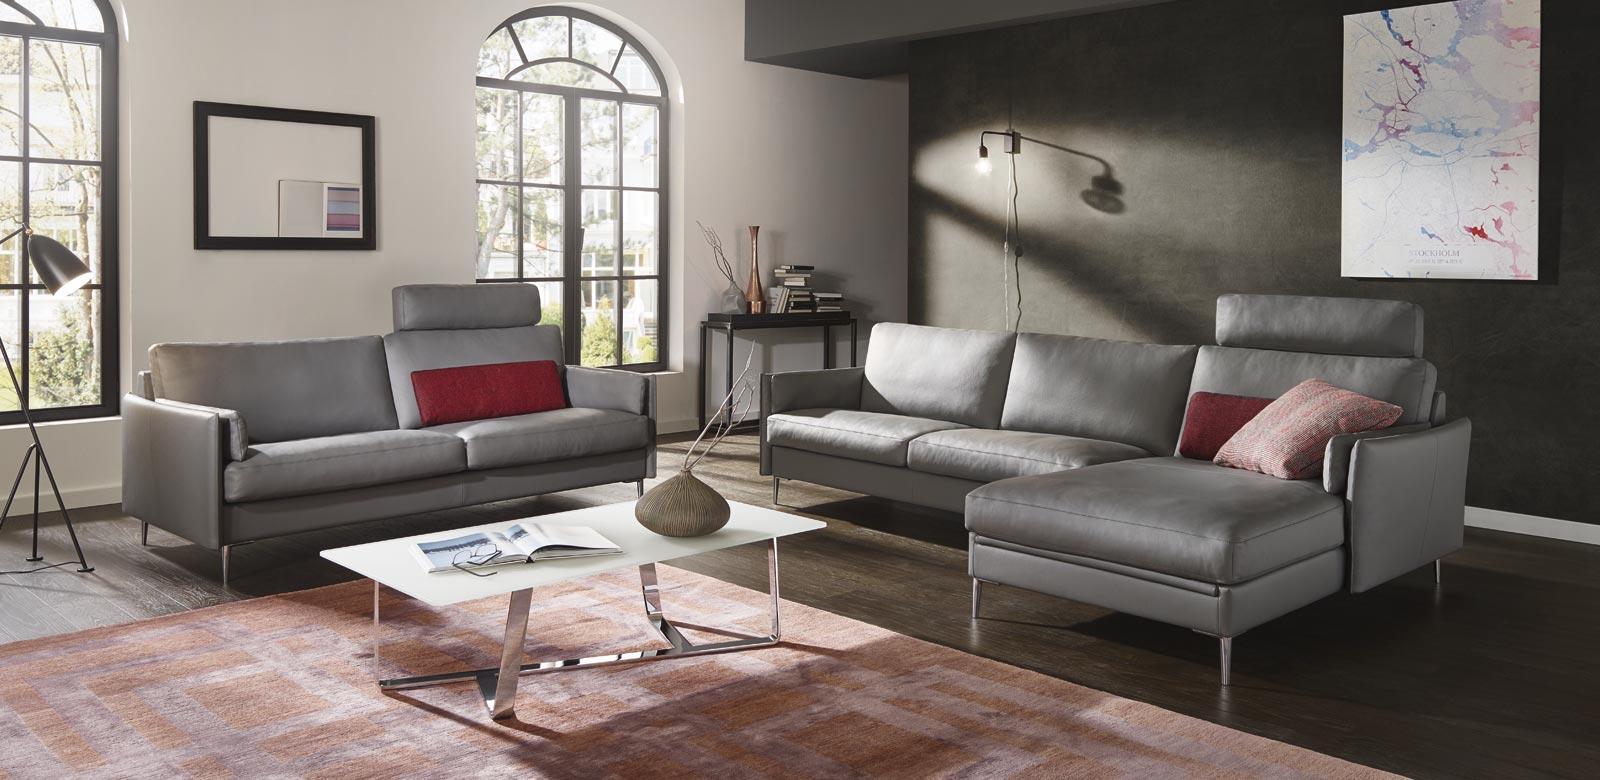 erpo sitzm bel die neue leichtigkeit des sitzens designercouch cl 820. Black Bedroom Furniture Sets. Home Design Ideas